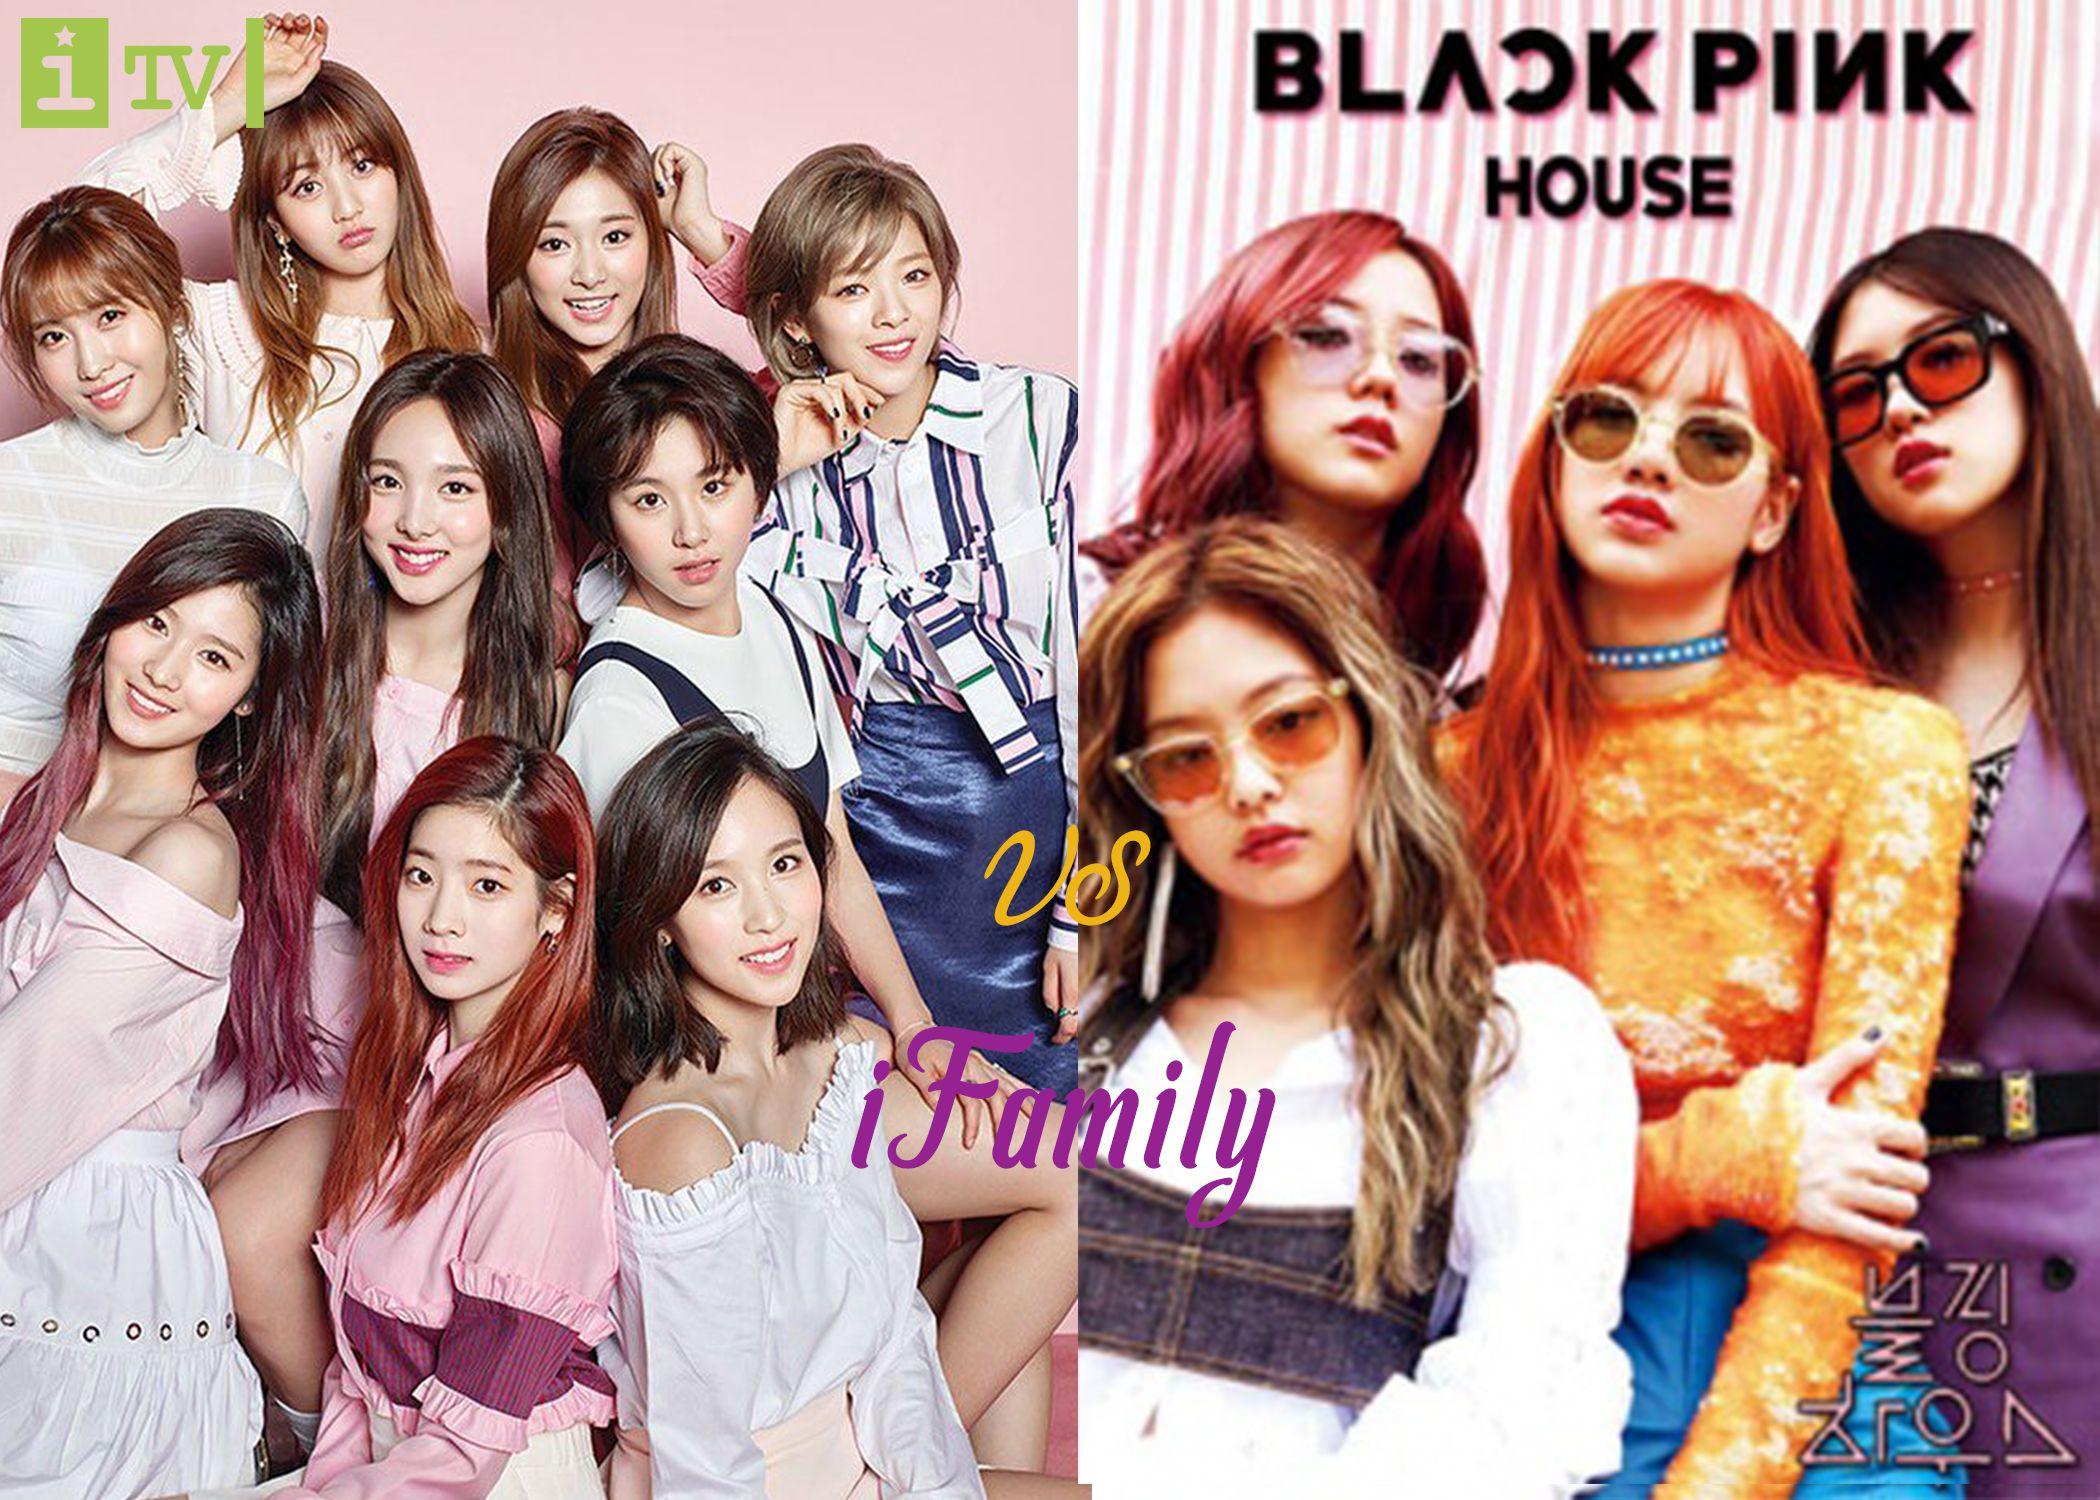 Twice và Black Pink - Trận chiến khốc liệt như 2NE1 và SNSD đã từng?